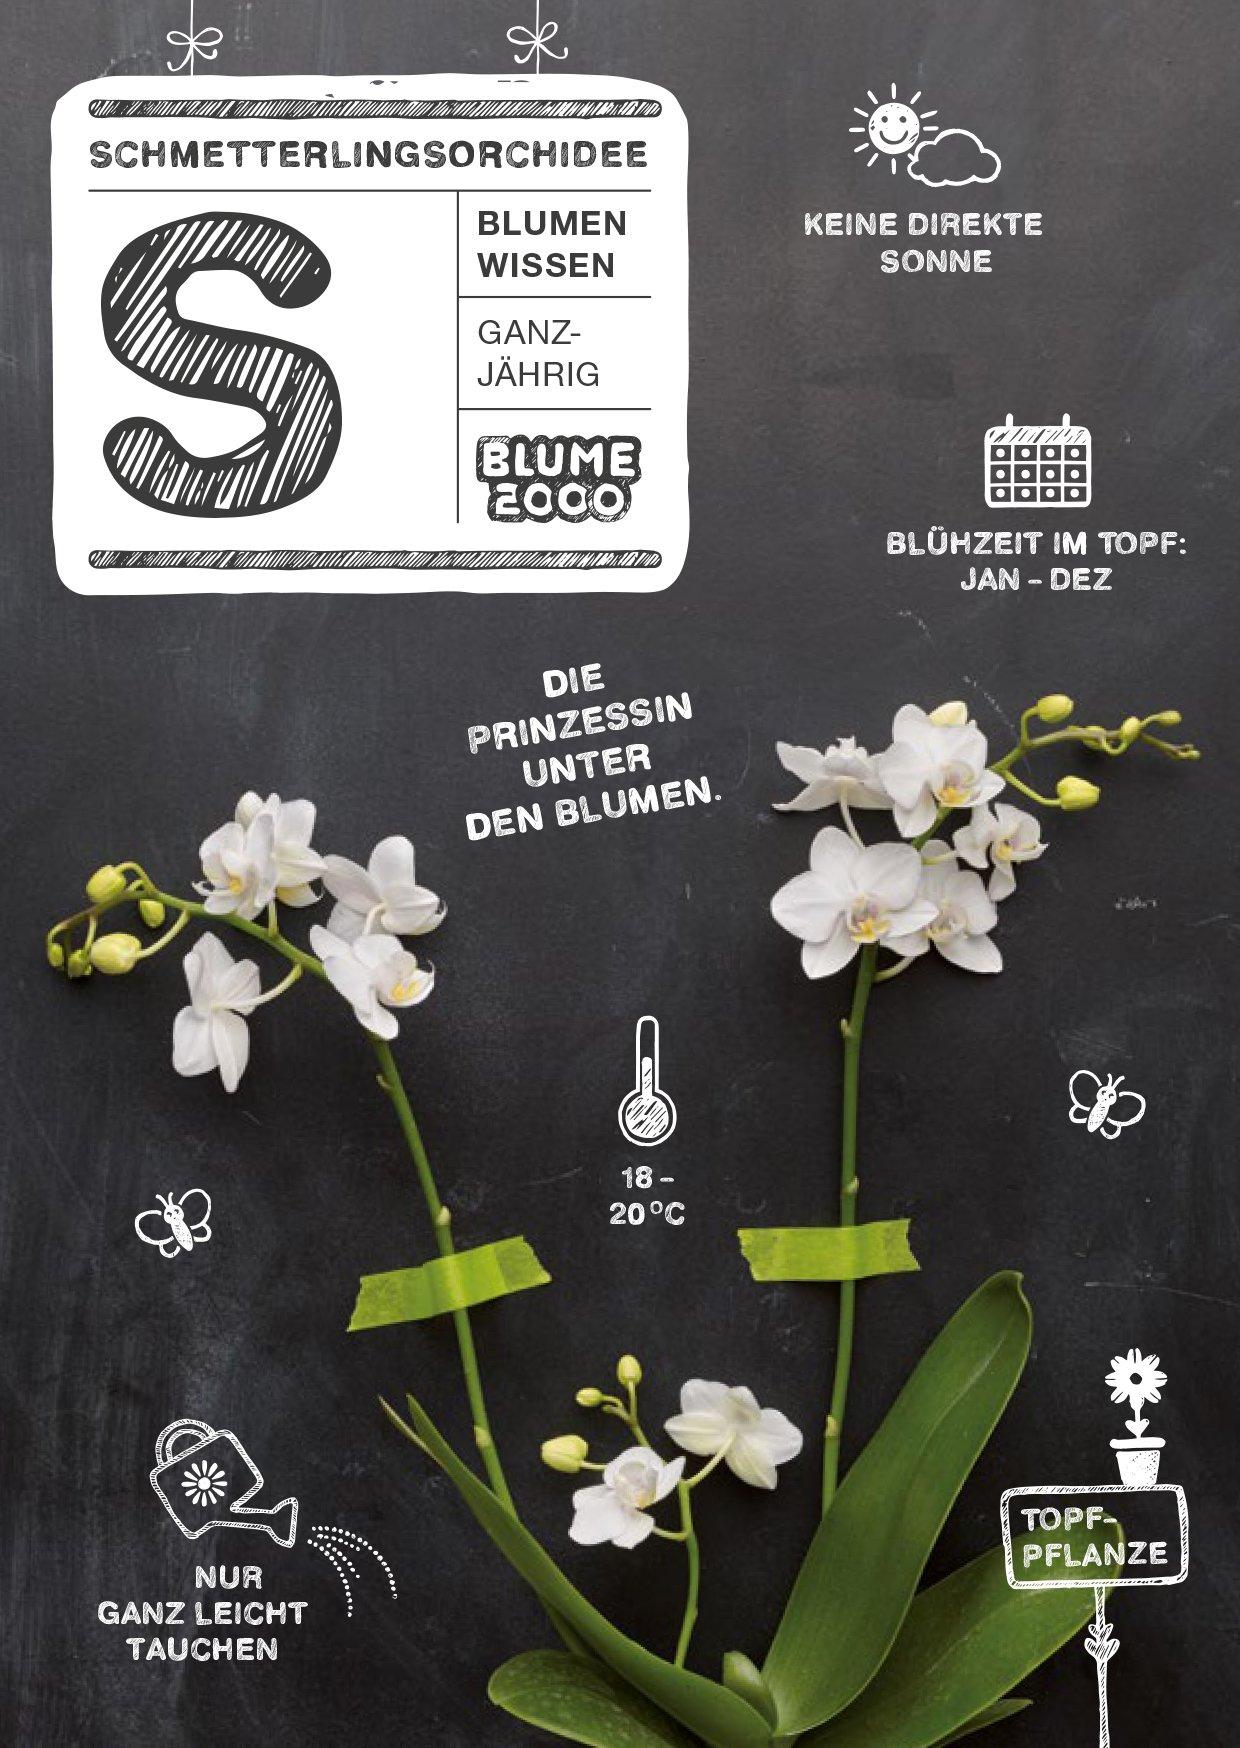 Volle Blütenpracht für deine Orchideen